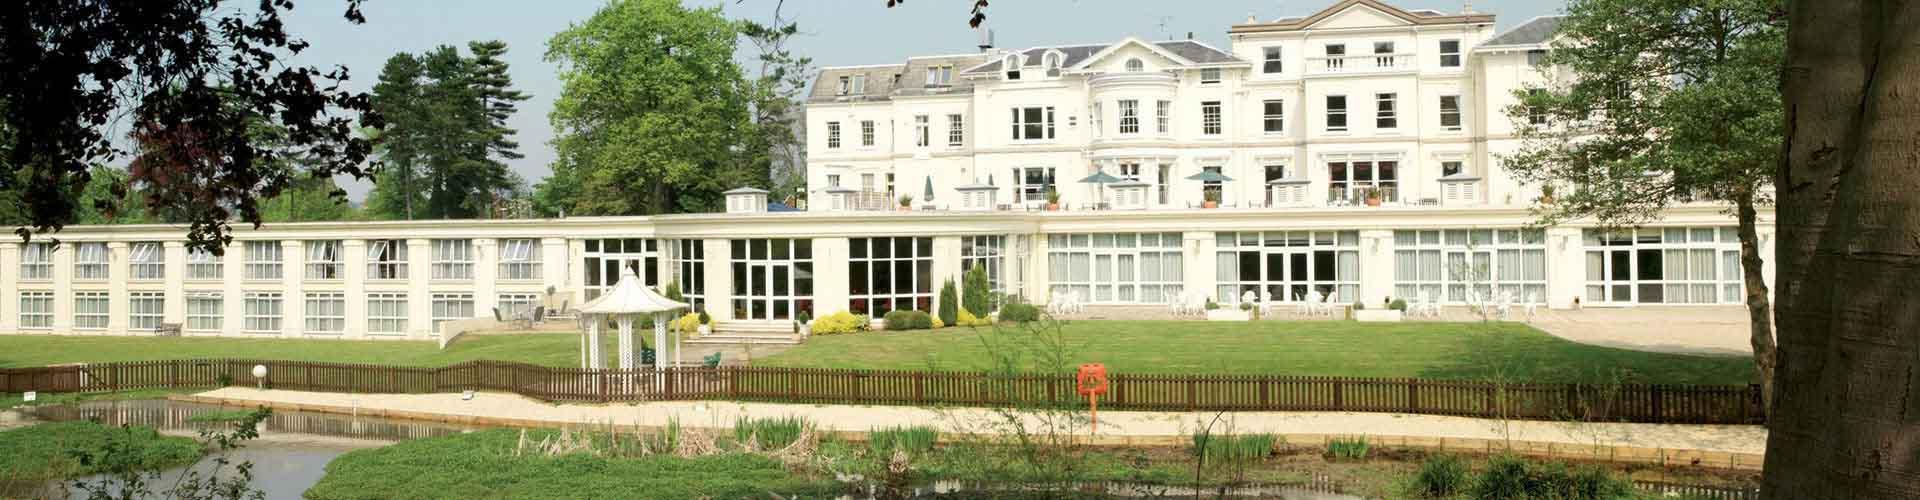 Cheltenham - Chambres à Cheltenham. Cartes pour Cheltenham, photos et commentaires pour chaque chambre à Cheltenham.